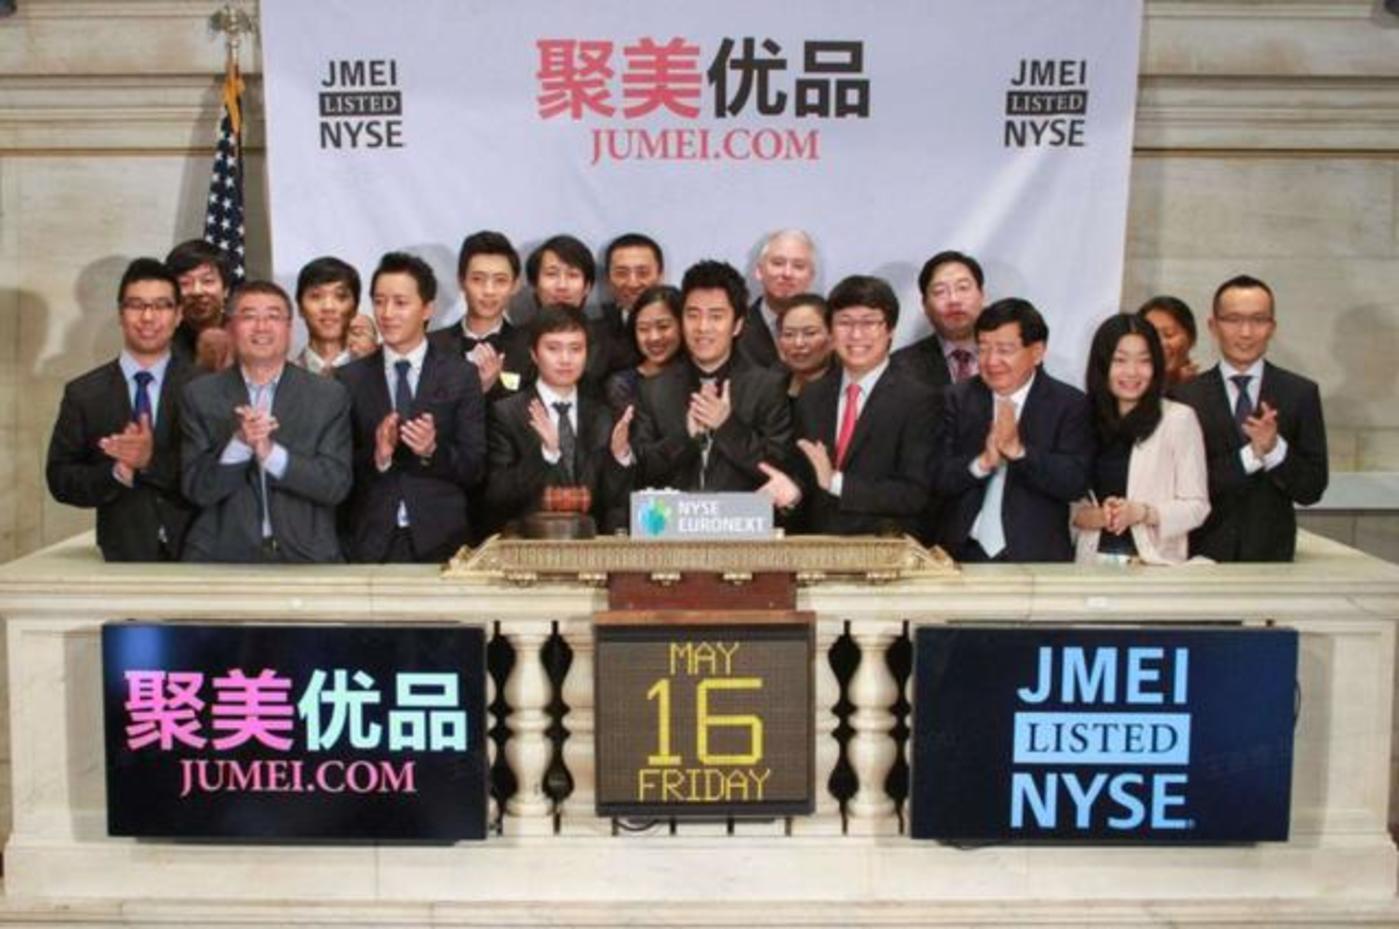 2014年,陈欧、徐小平、韩庚等参加聚美优品上市仪式